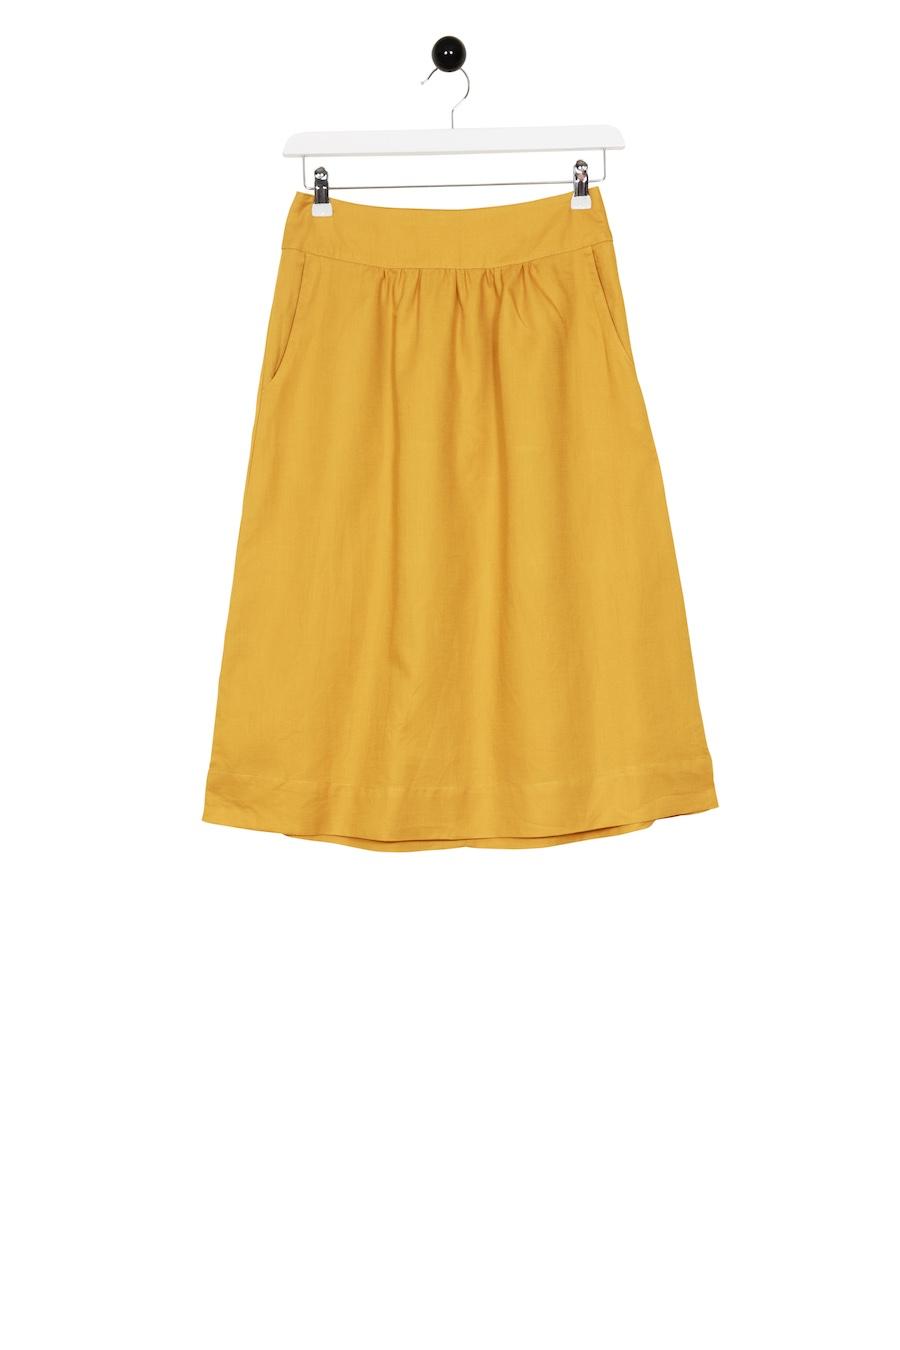 Malapolskin Skirt